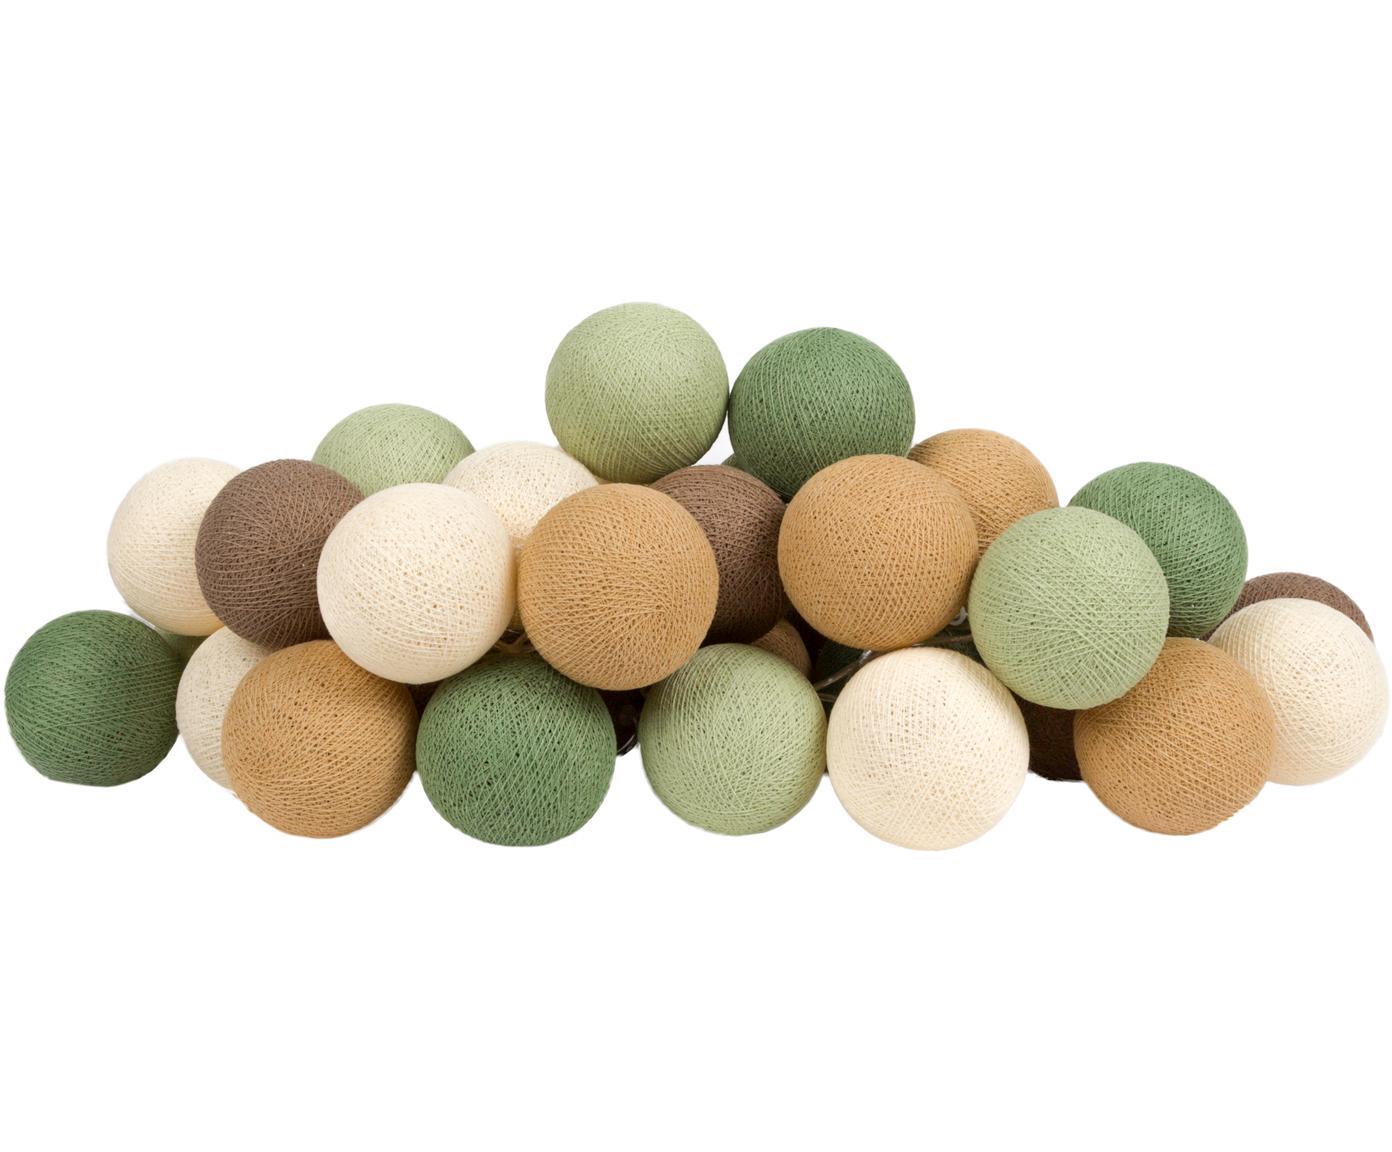 Girlanda świetlna LED Colorain, Odcienie zielonego, odcienie brązowego, biały, D 264